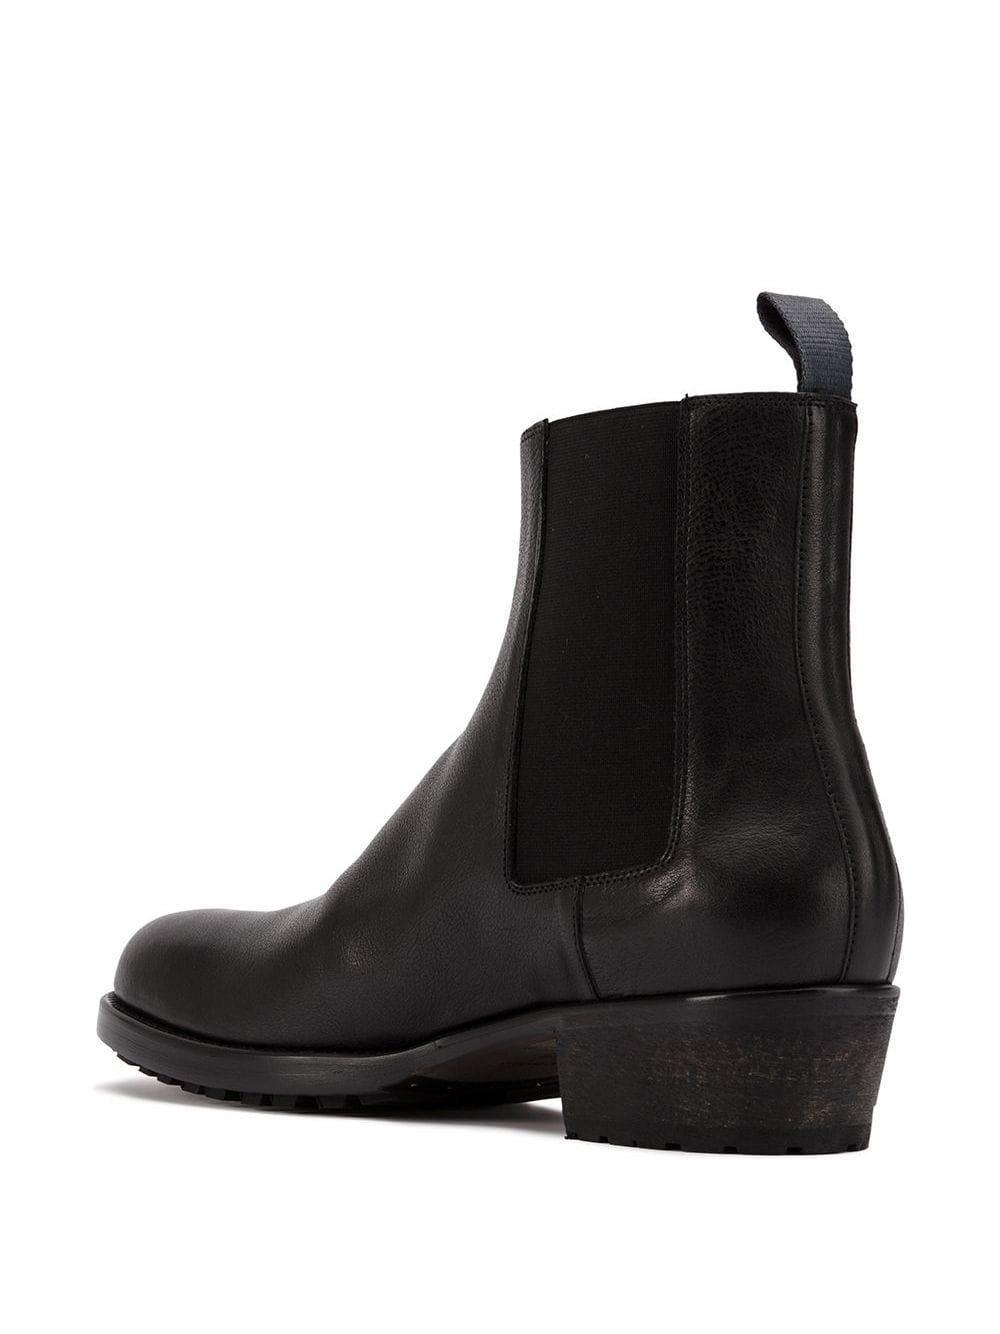 Haider Ackermann Leer Zwarte Classic Leren Chelsea Laarzen in het Zwart voor heren